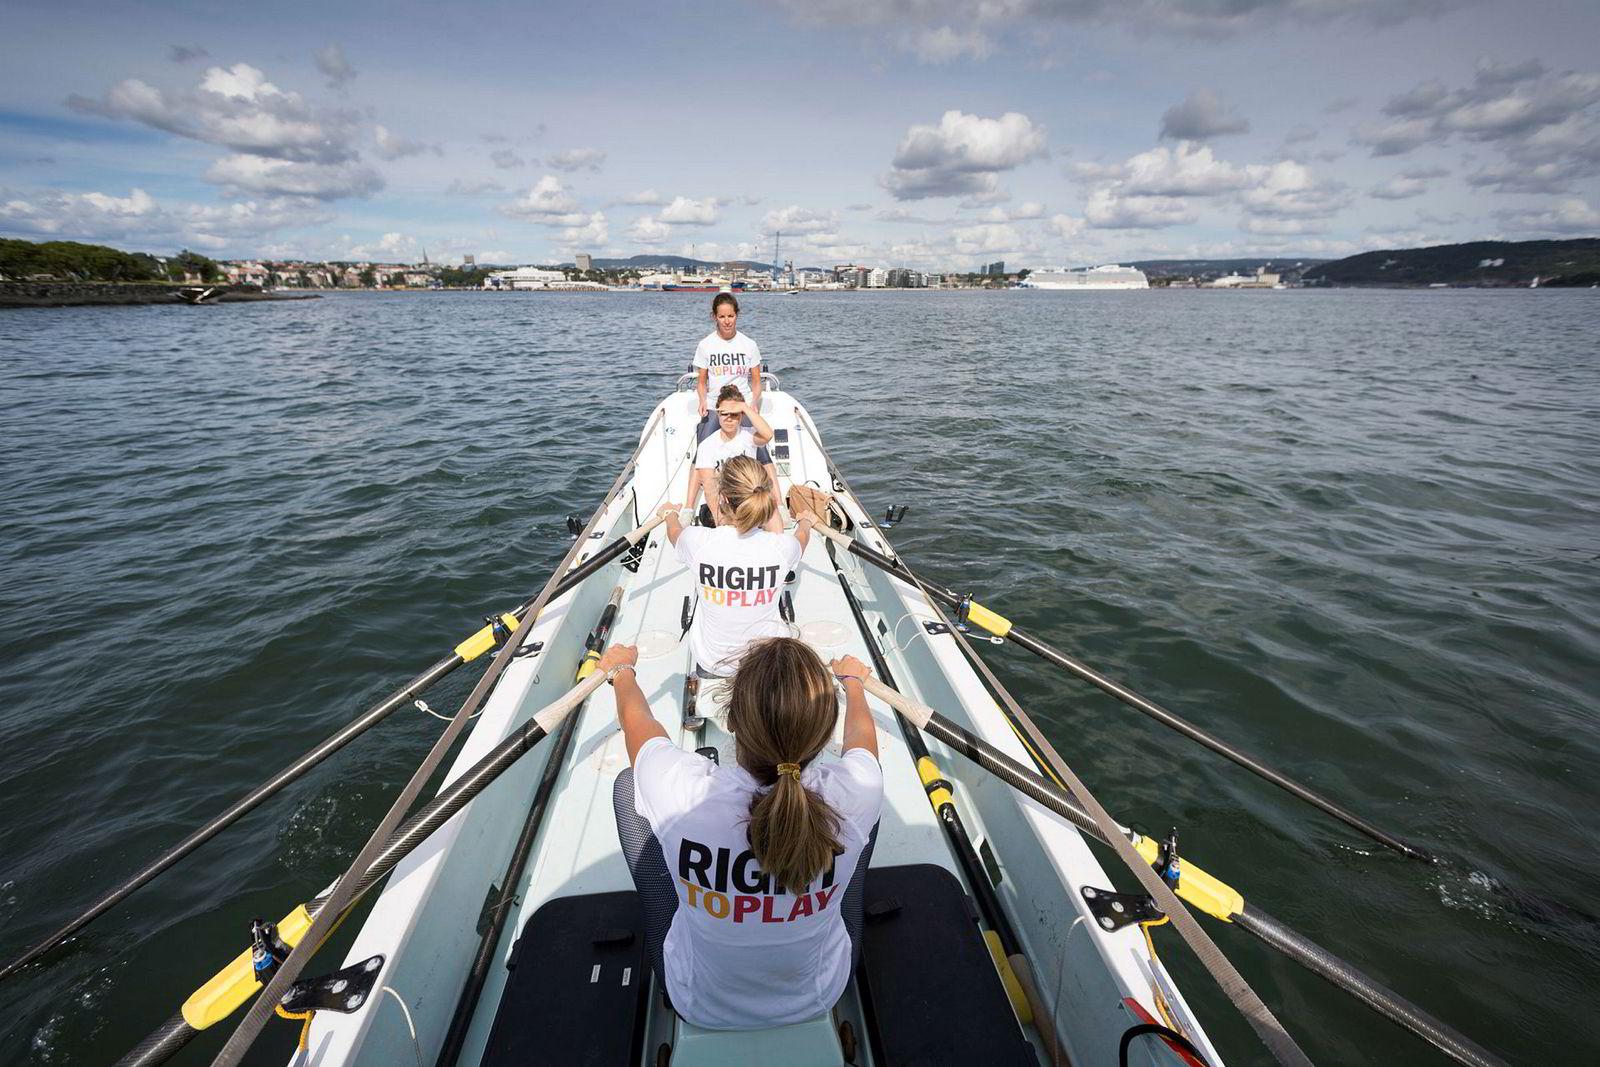 Rowegians på vei ut fjorden med Oslo i bakgrunnen. Lengst vekk Sophie Stabell, deretter Hege Svendsberget, Cornelia Bull og Camilla Bull.